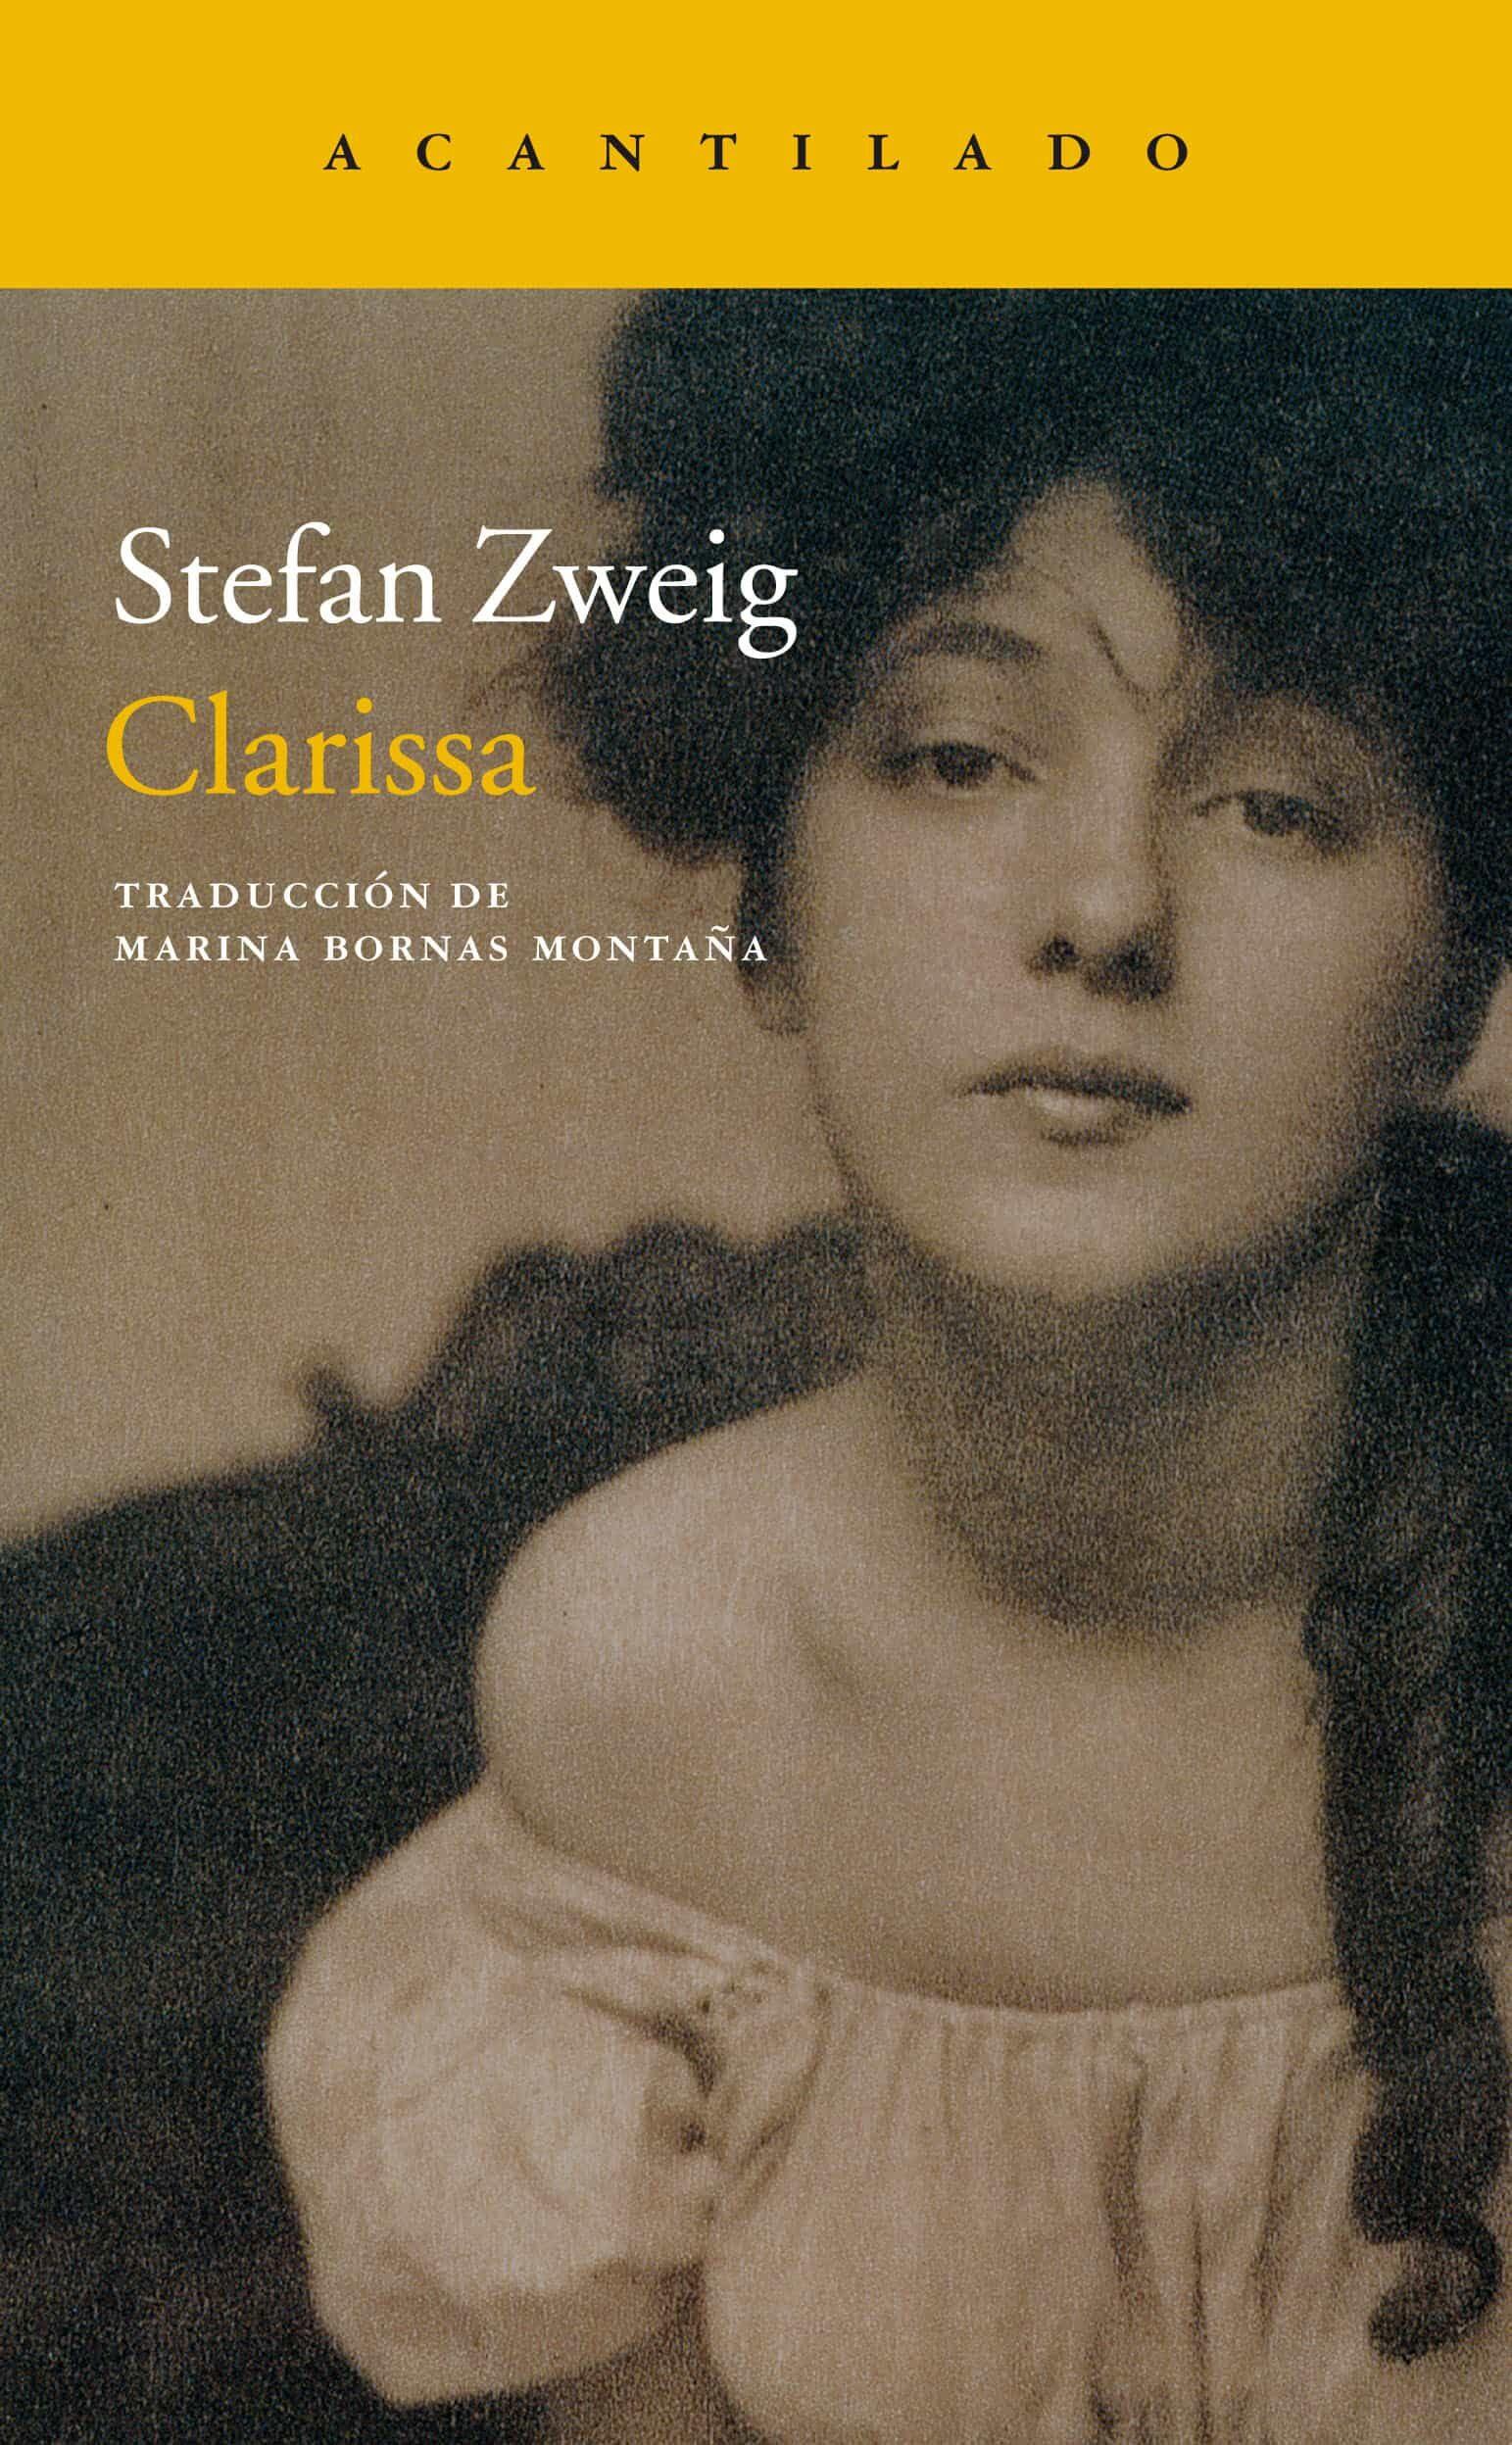 Resultado de imagen de portada clarissa zweig